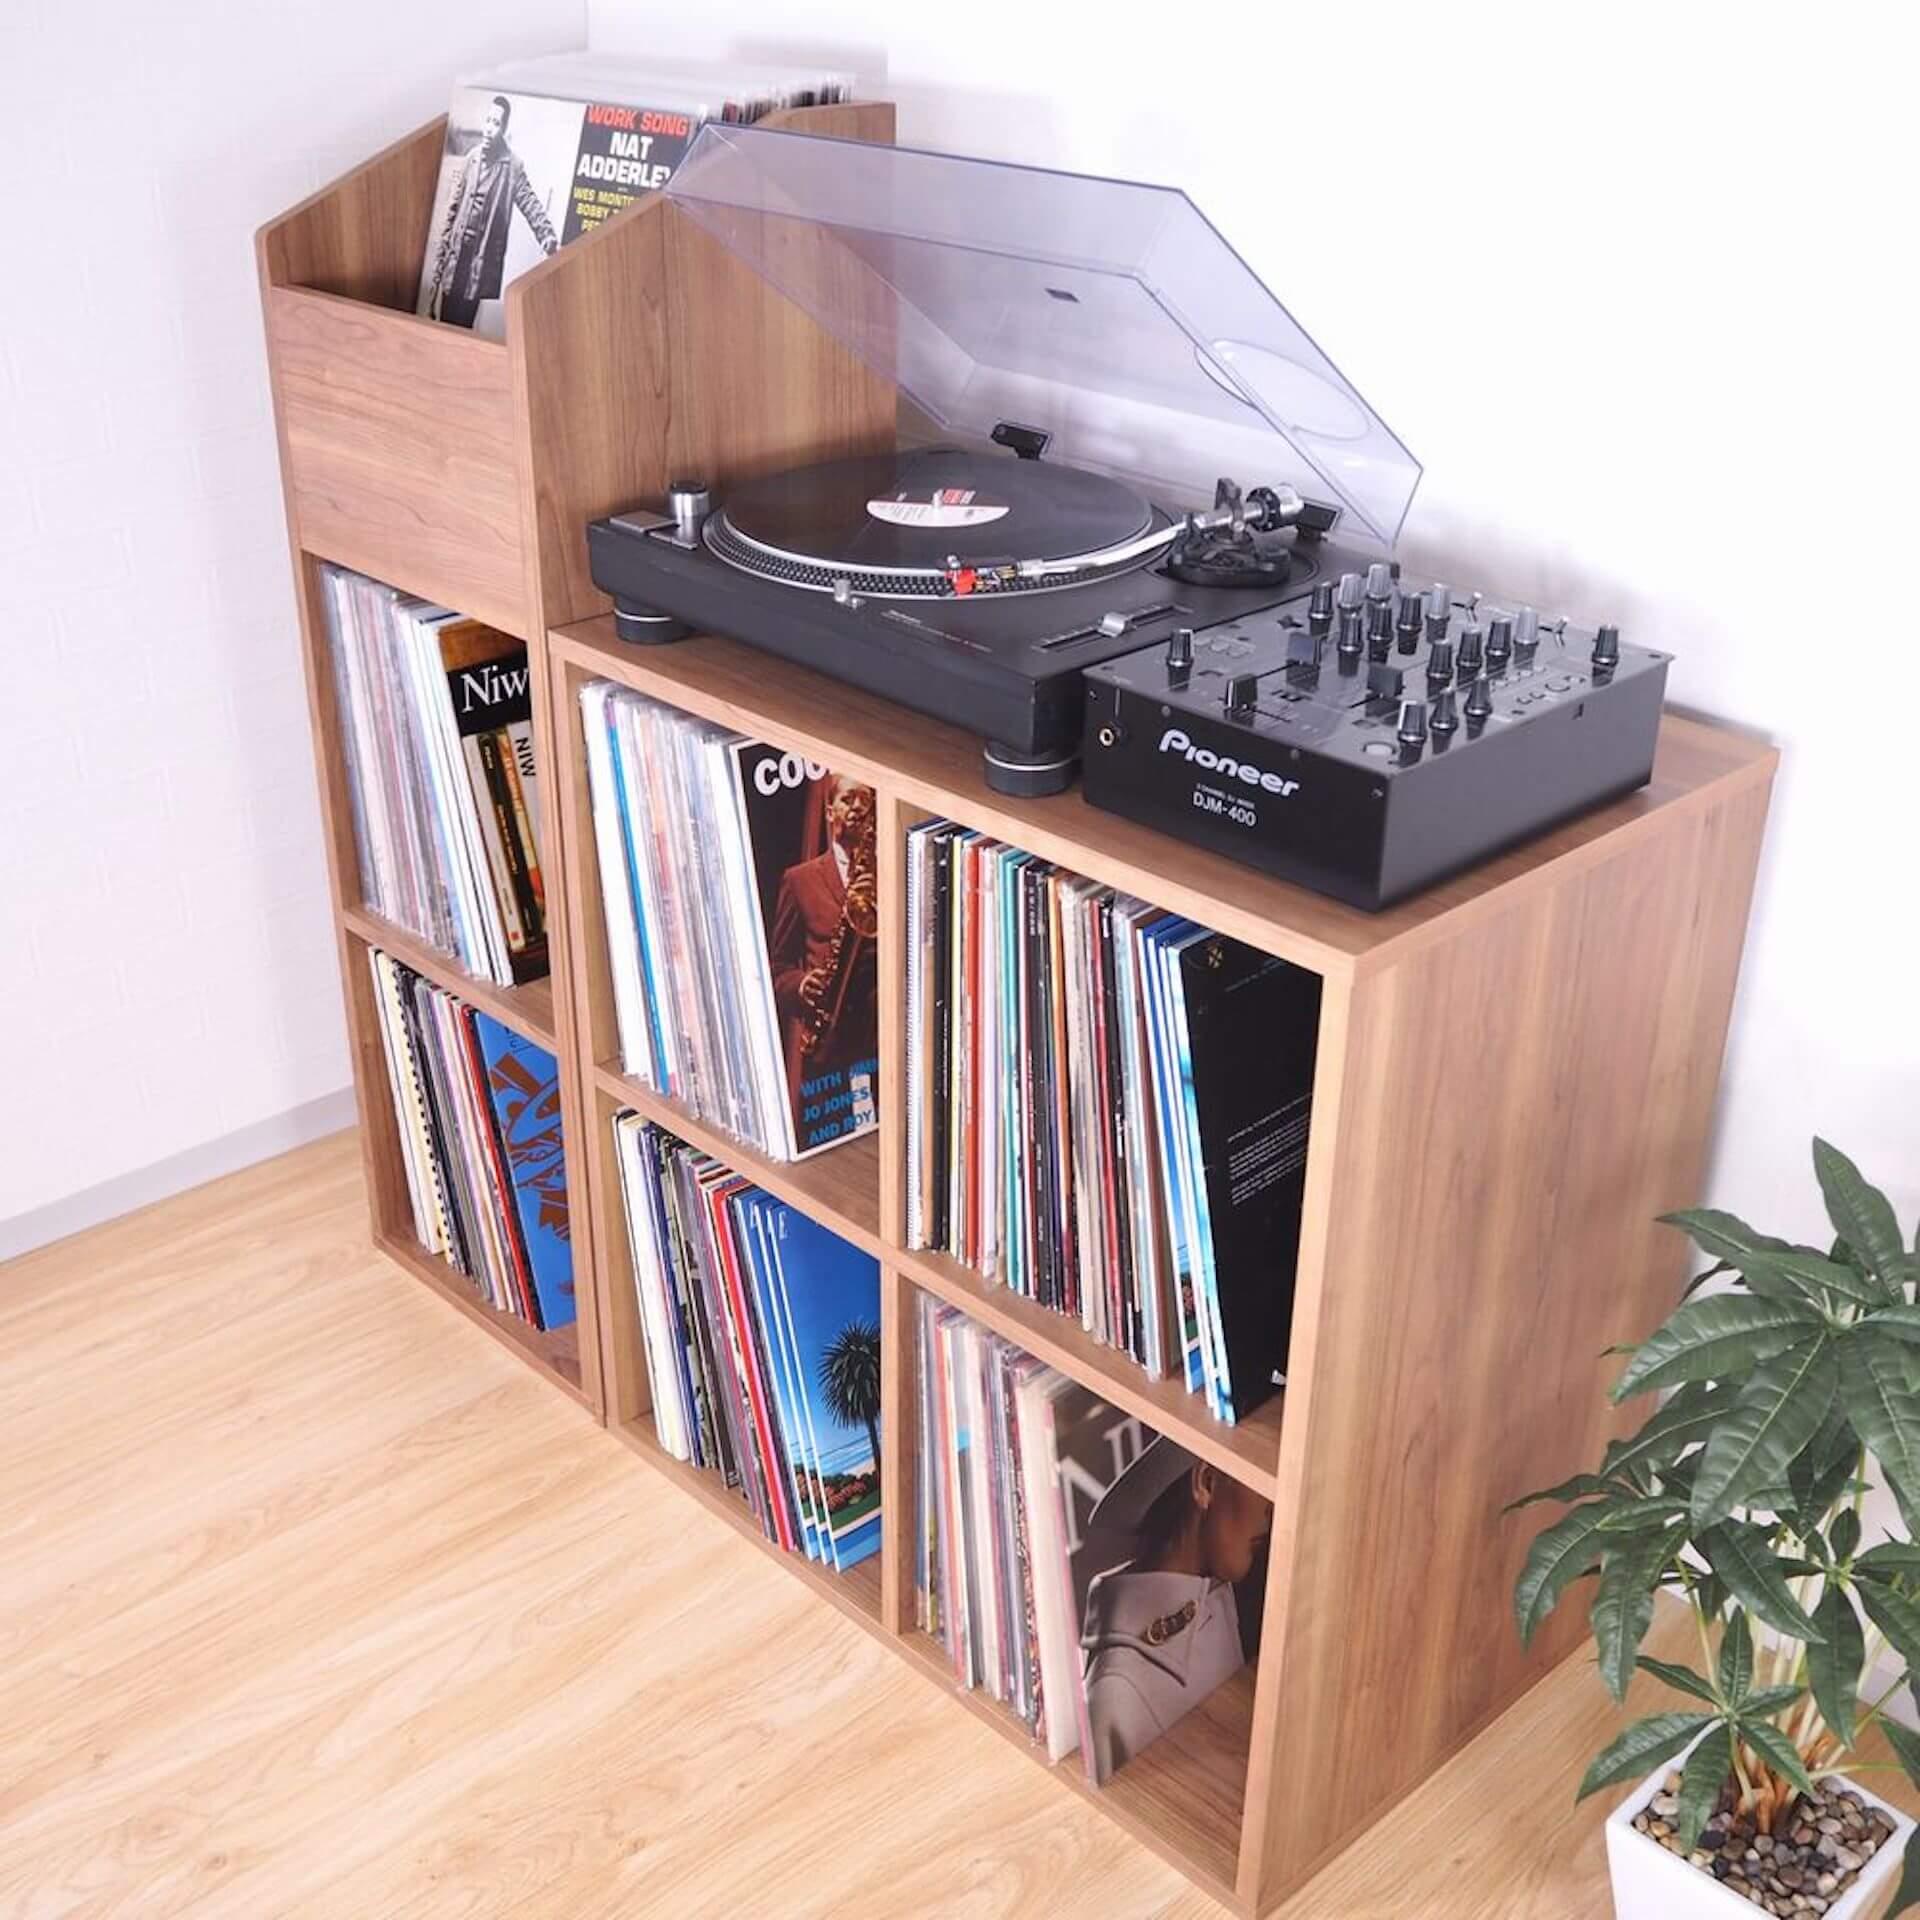 CD・レコードの収納用品に特化したディスクユニオン収納ストアが新宿にオープン!一部商品の情報も解禁 culture210624_diskunion7